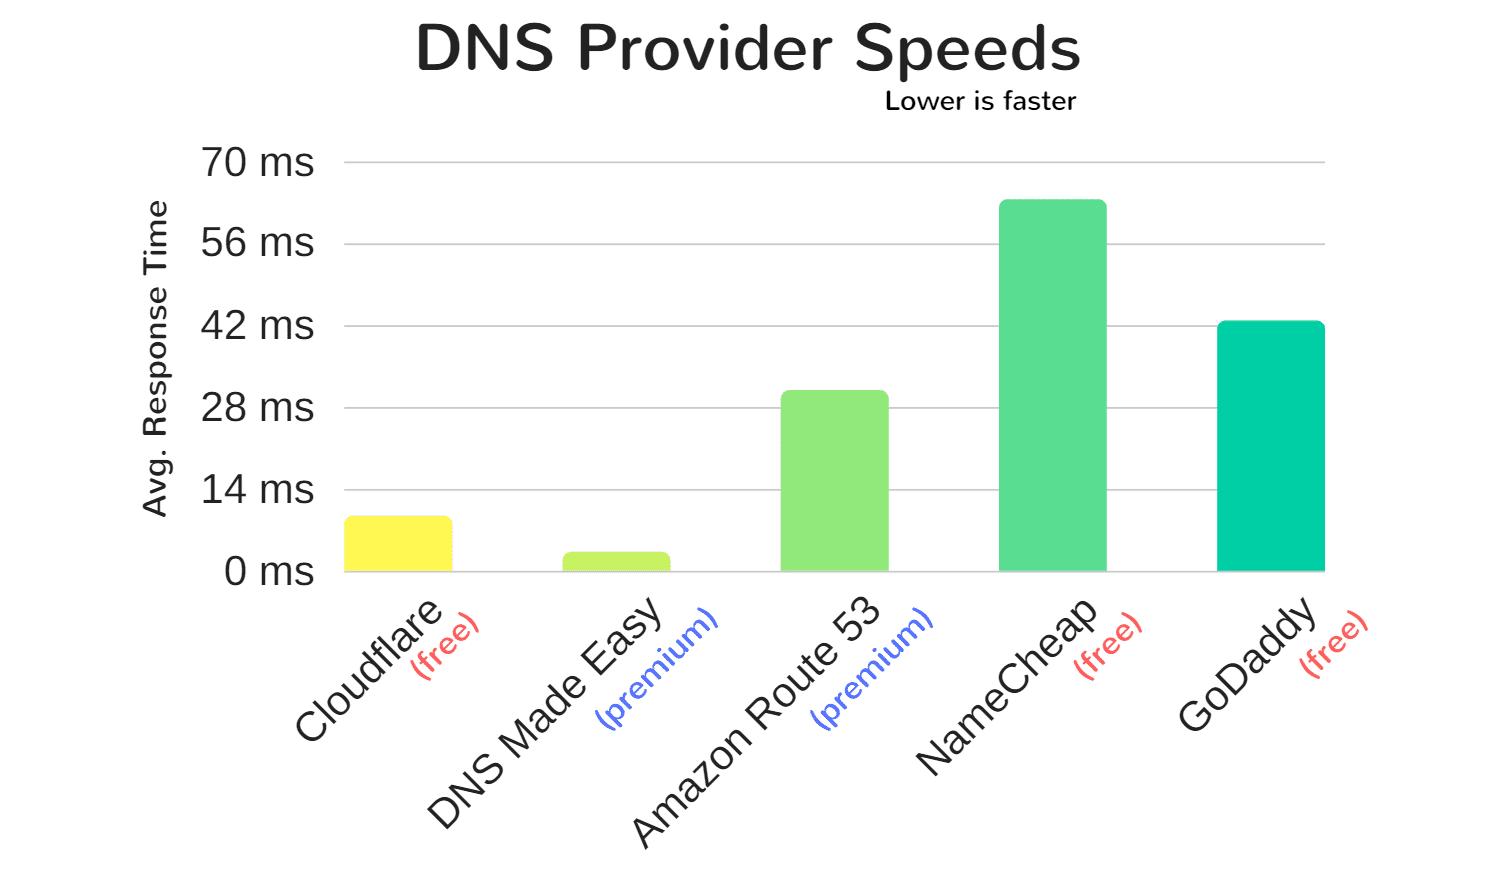 Velocidades de proveedores de DNS